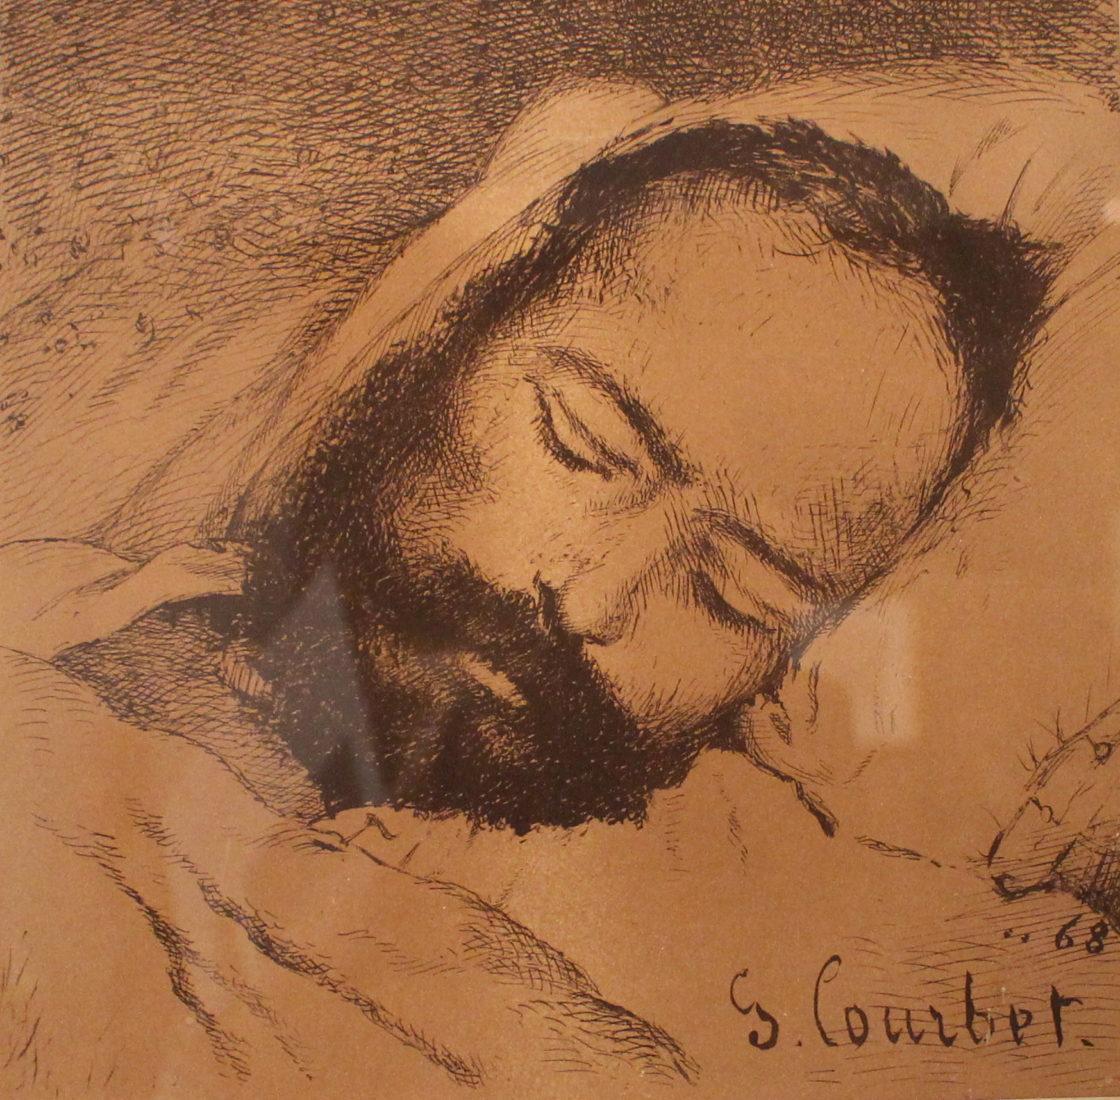 Proudhon sur son lit de mort, Gustave Courbet